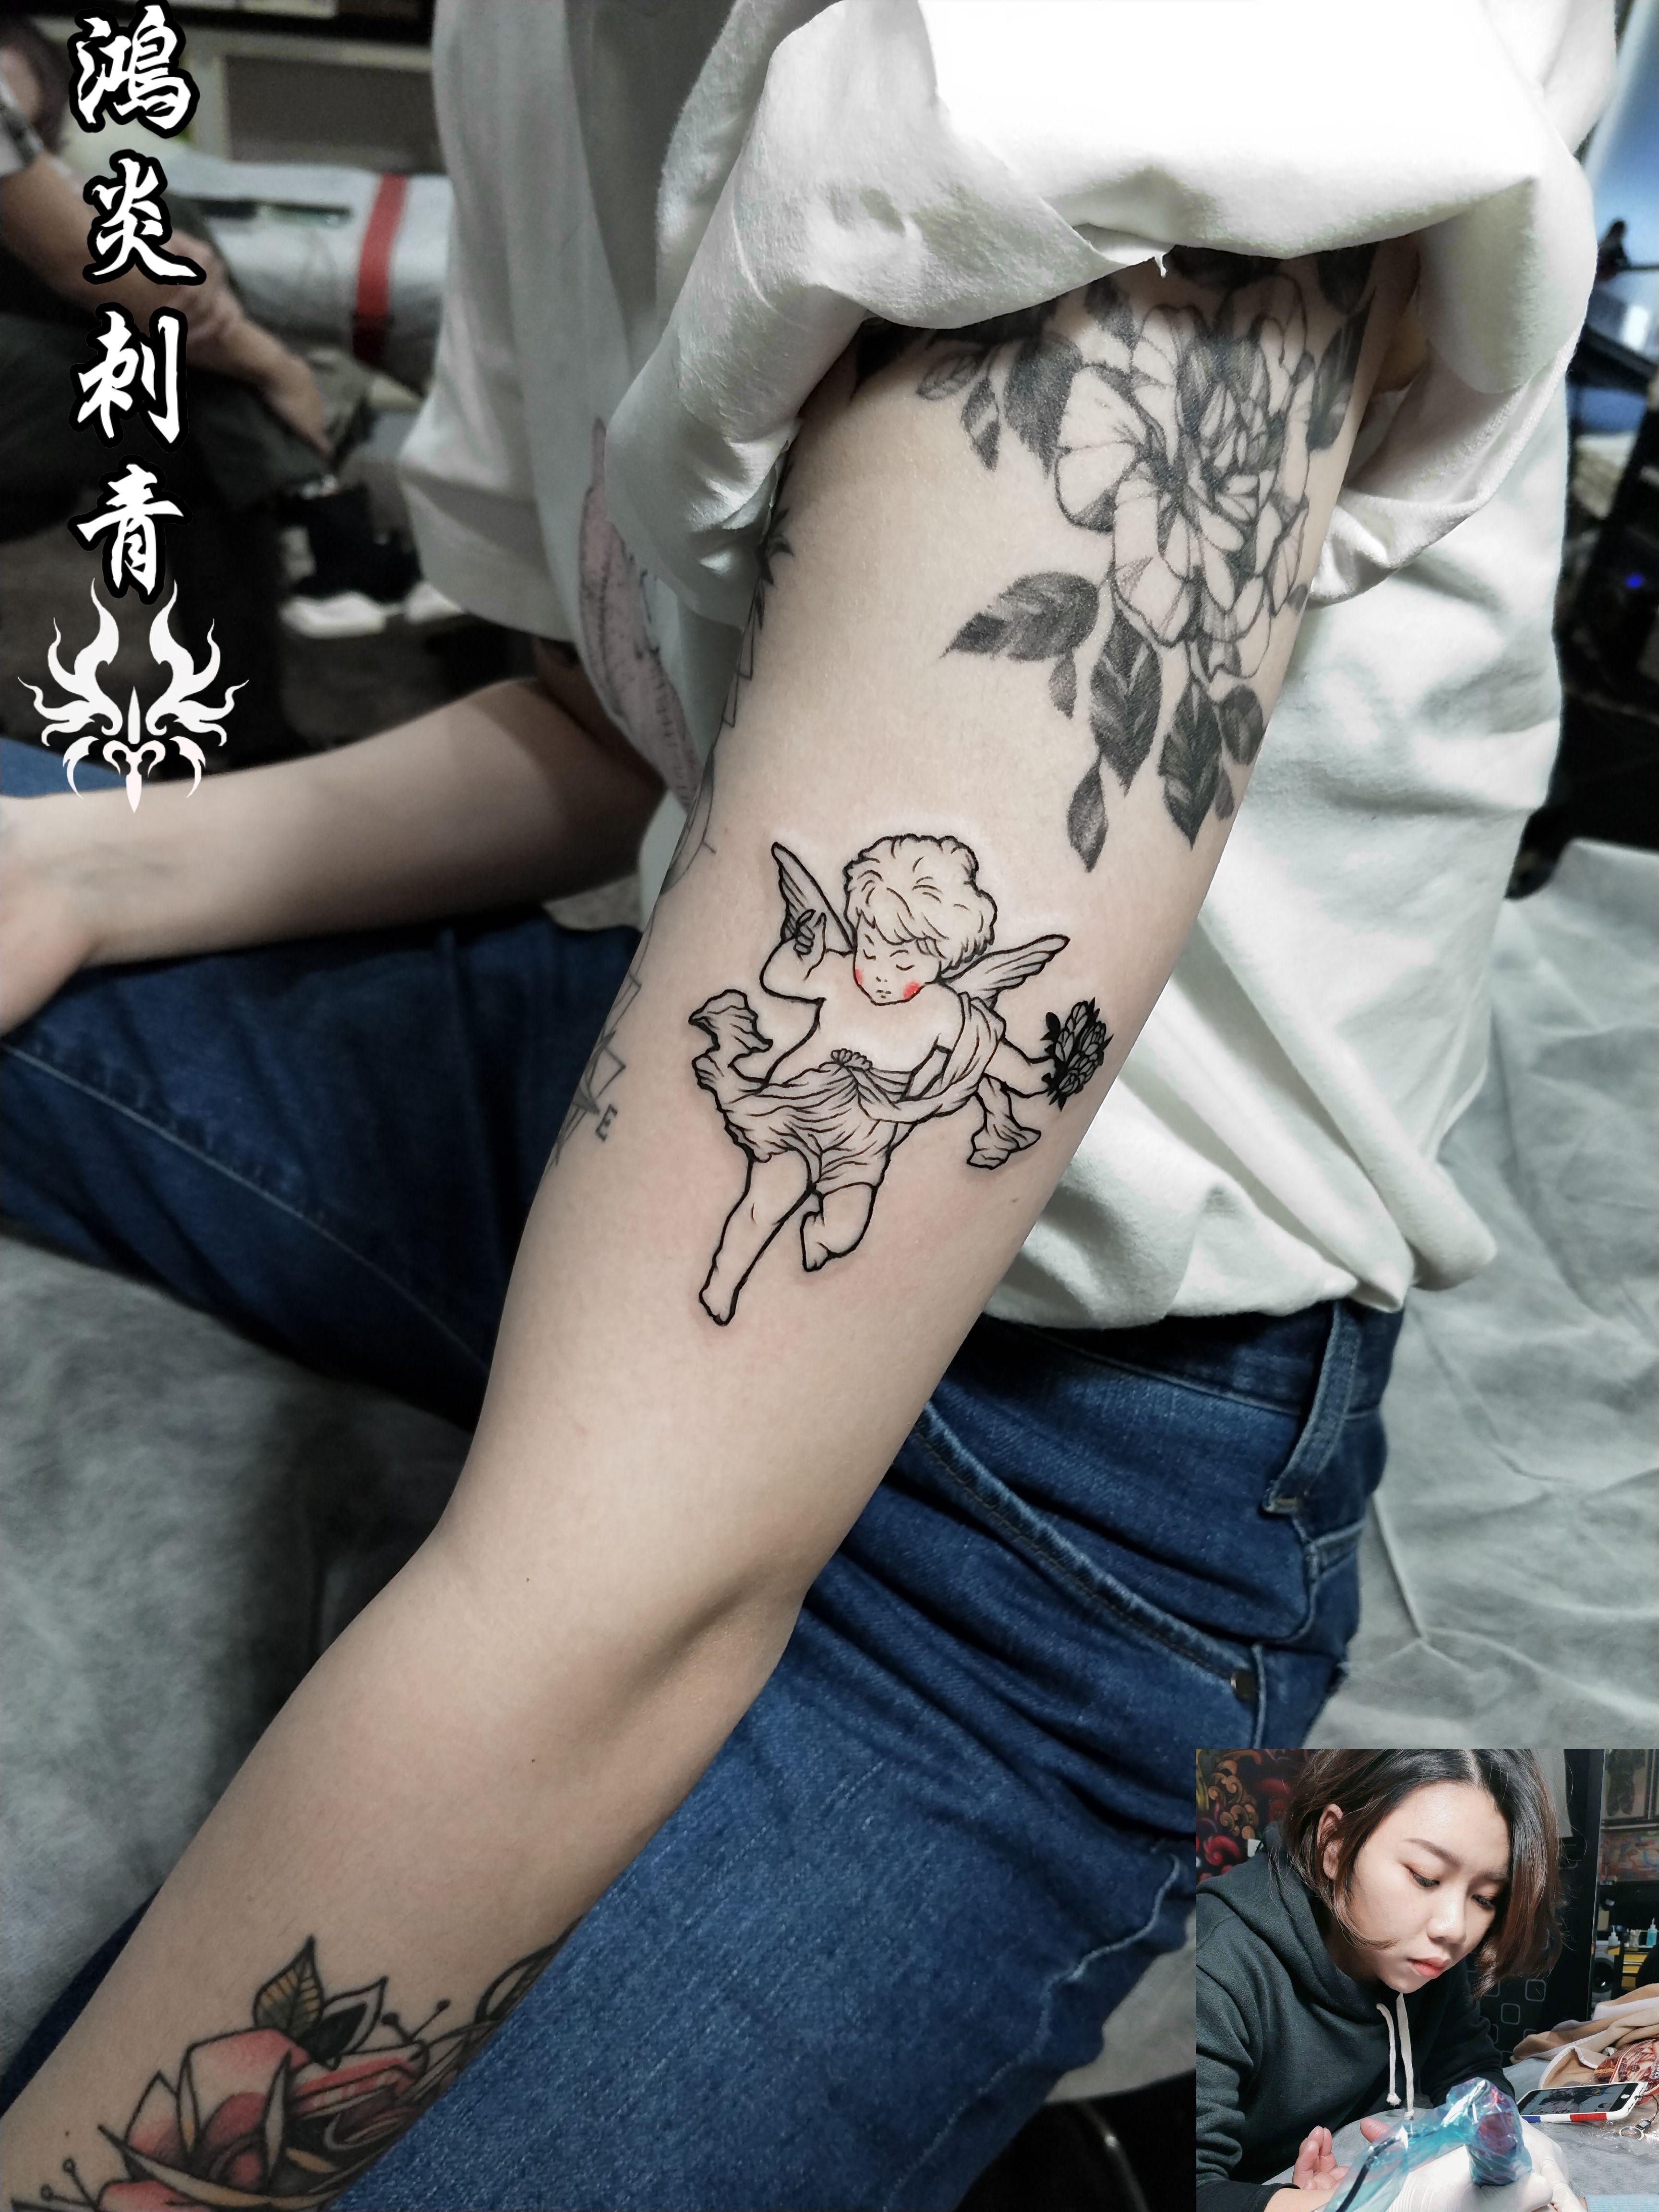 天時 紋身師阿芝作品 預約專線0970666879 (LINE) ses4527z (IG) tattoo